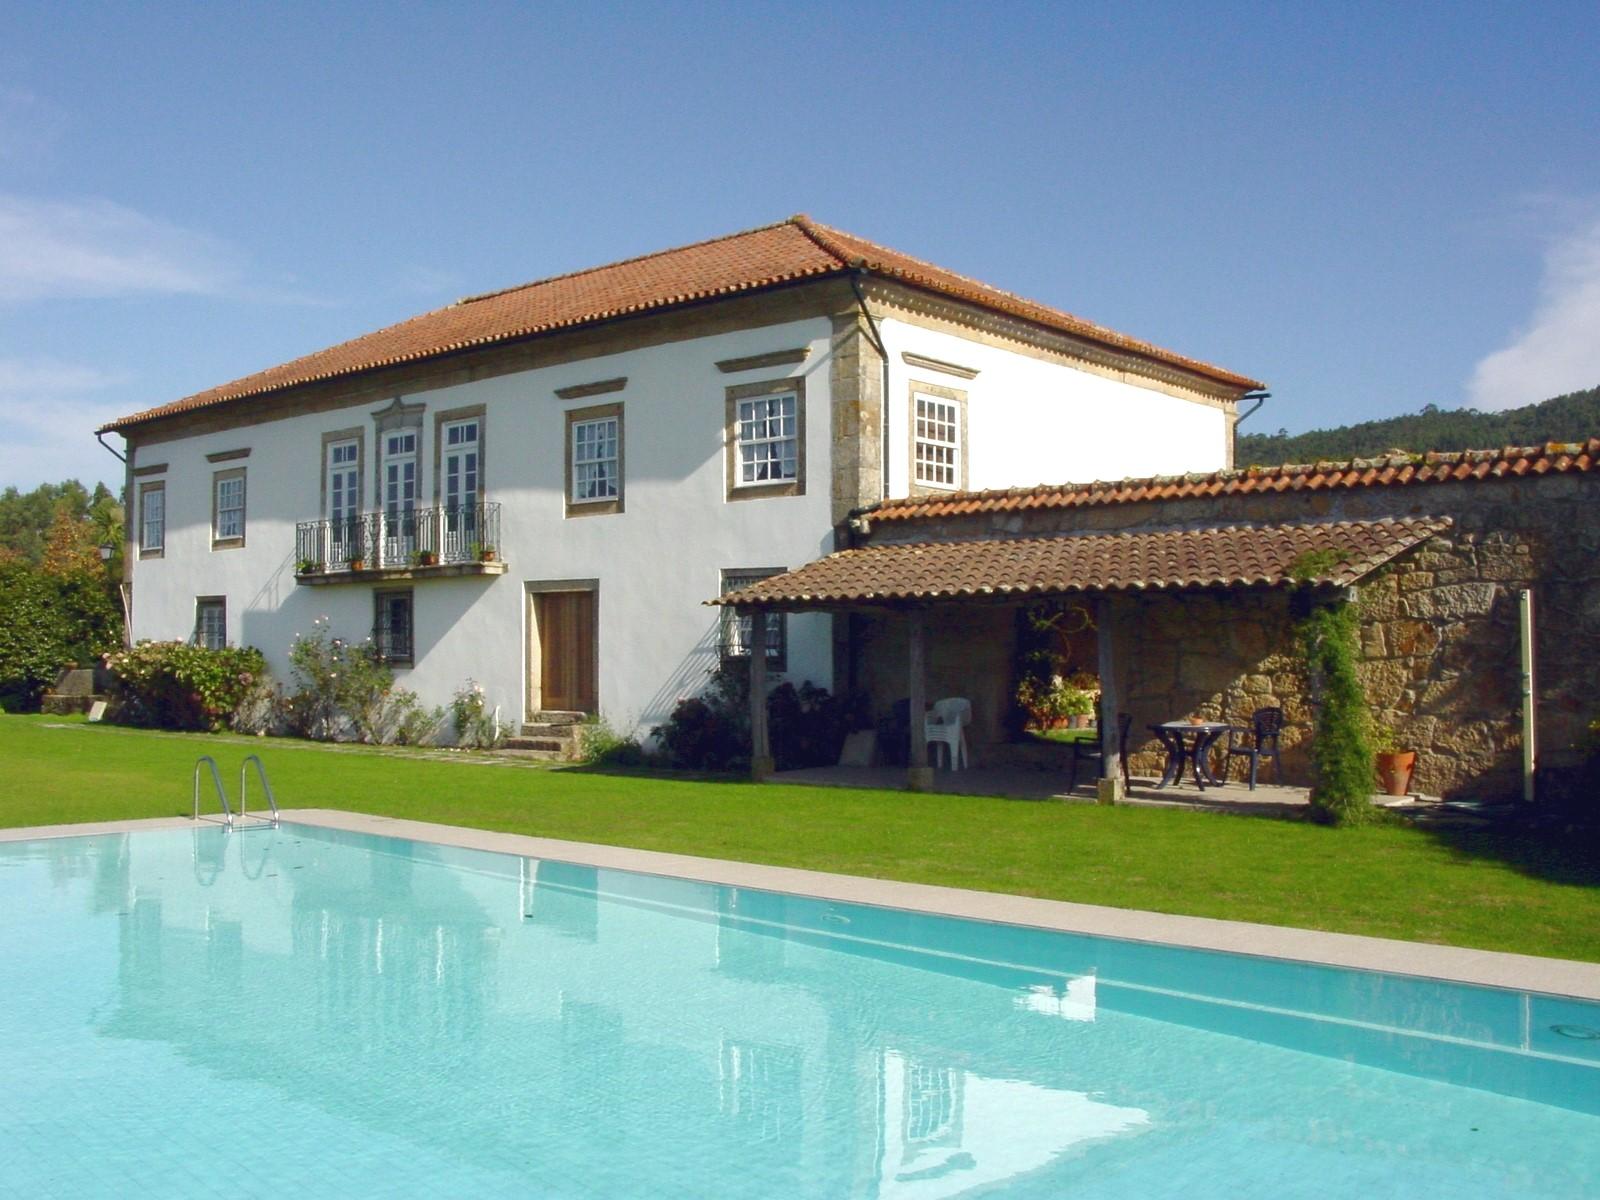 maisons au portugal great with maisons au portugal albufeira ds euros par semaine personnes. Black Bedroom Furniture Sets. Home Design Ideas